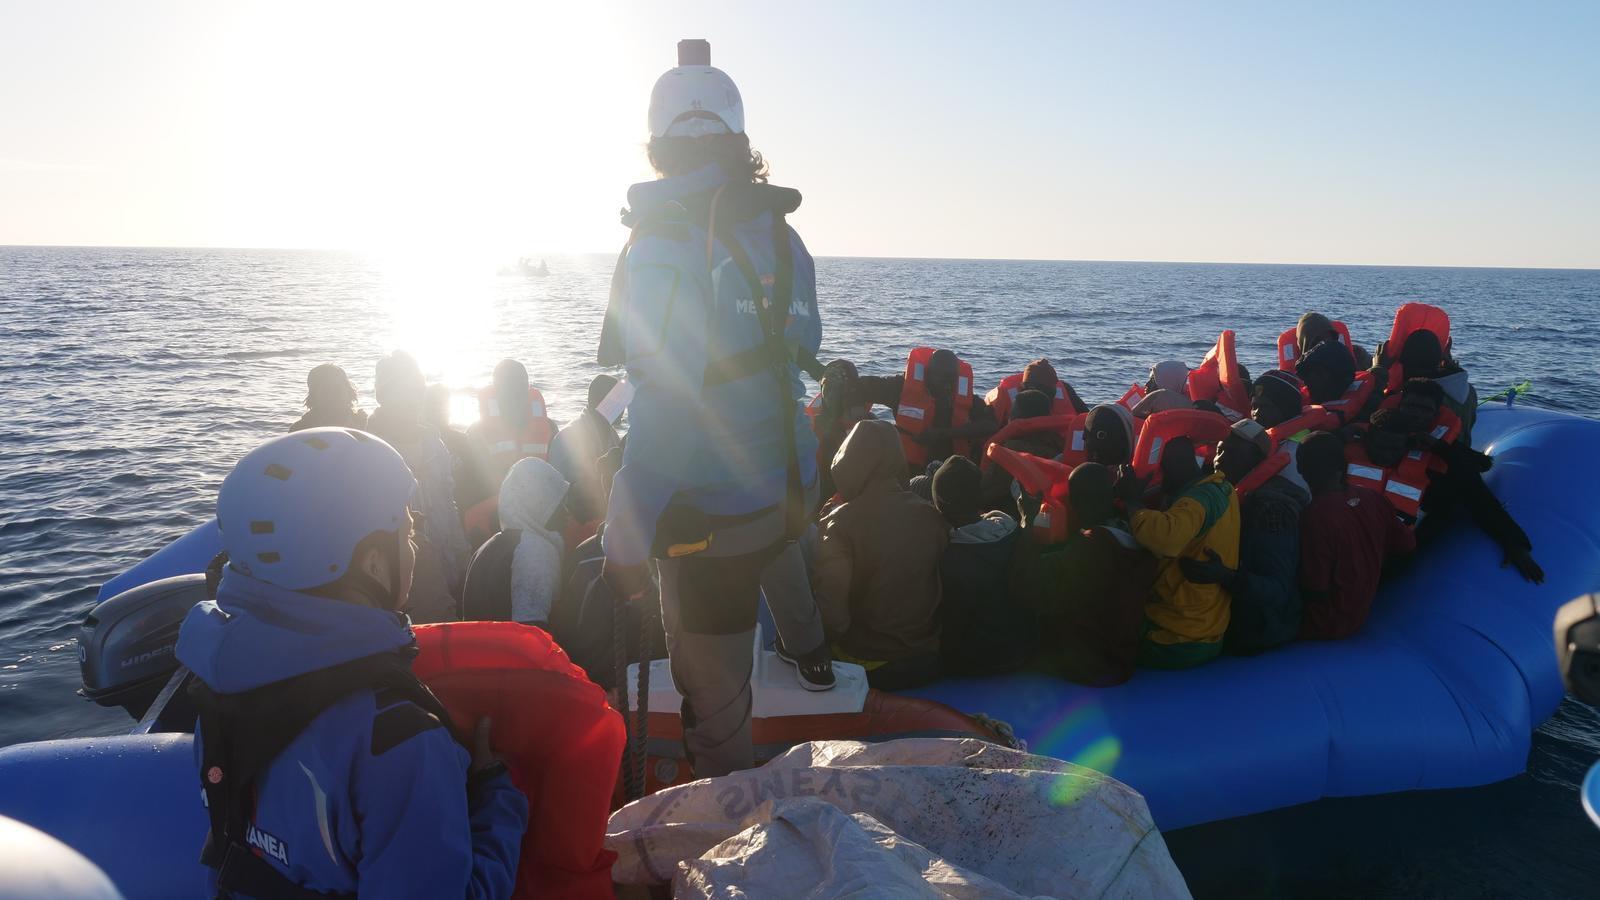 El 'Mare Jonio' aconsegueix desembarcar a Lampedusa 49 migrants rescatats